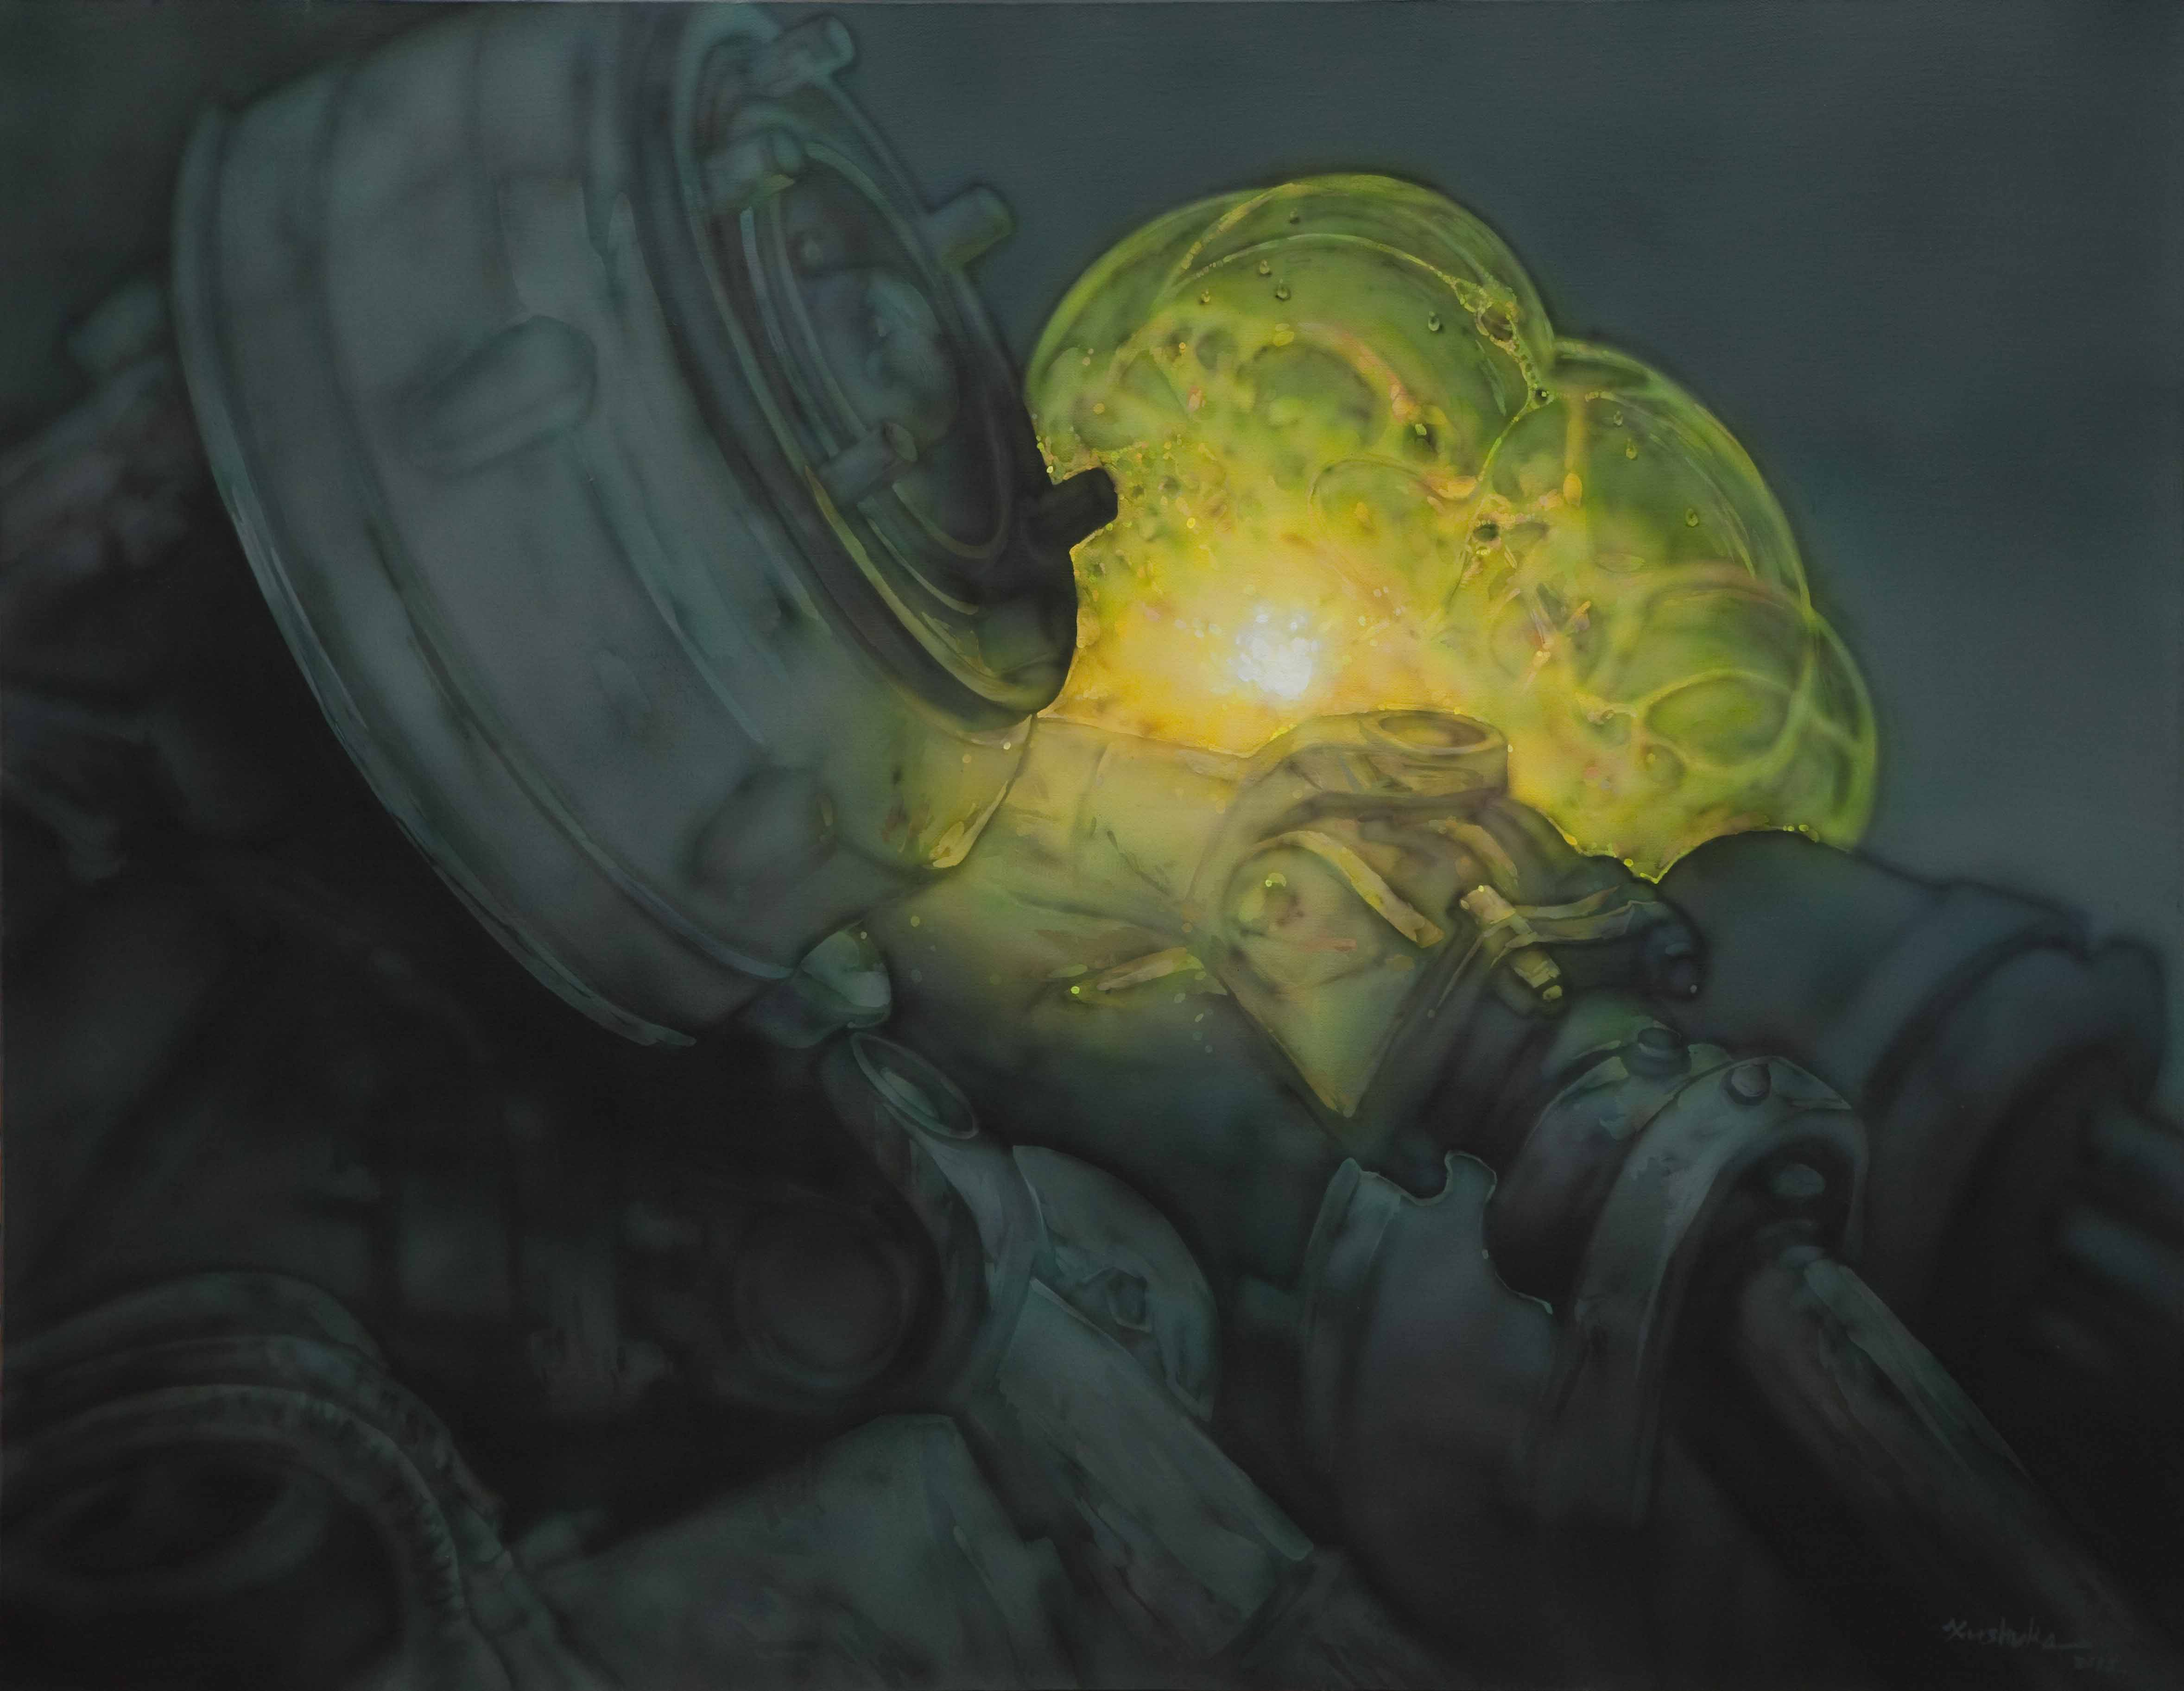 透过时代症候的迷彩——徐术珂《泡沫》系列